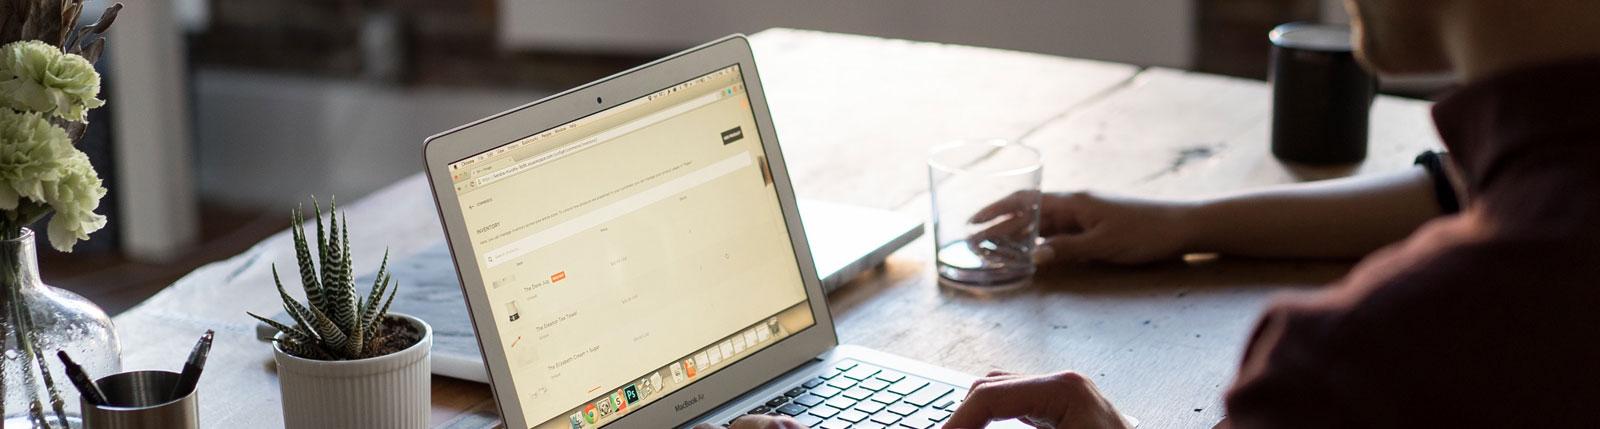 Votre site internet clé en main entièrement administrable et évolutif